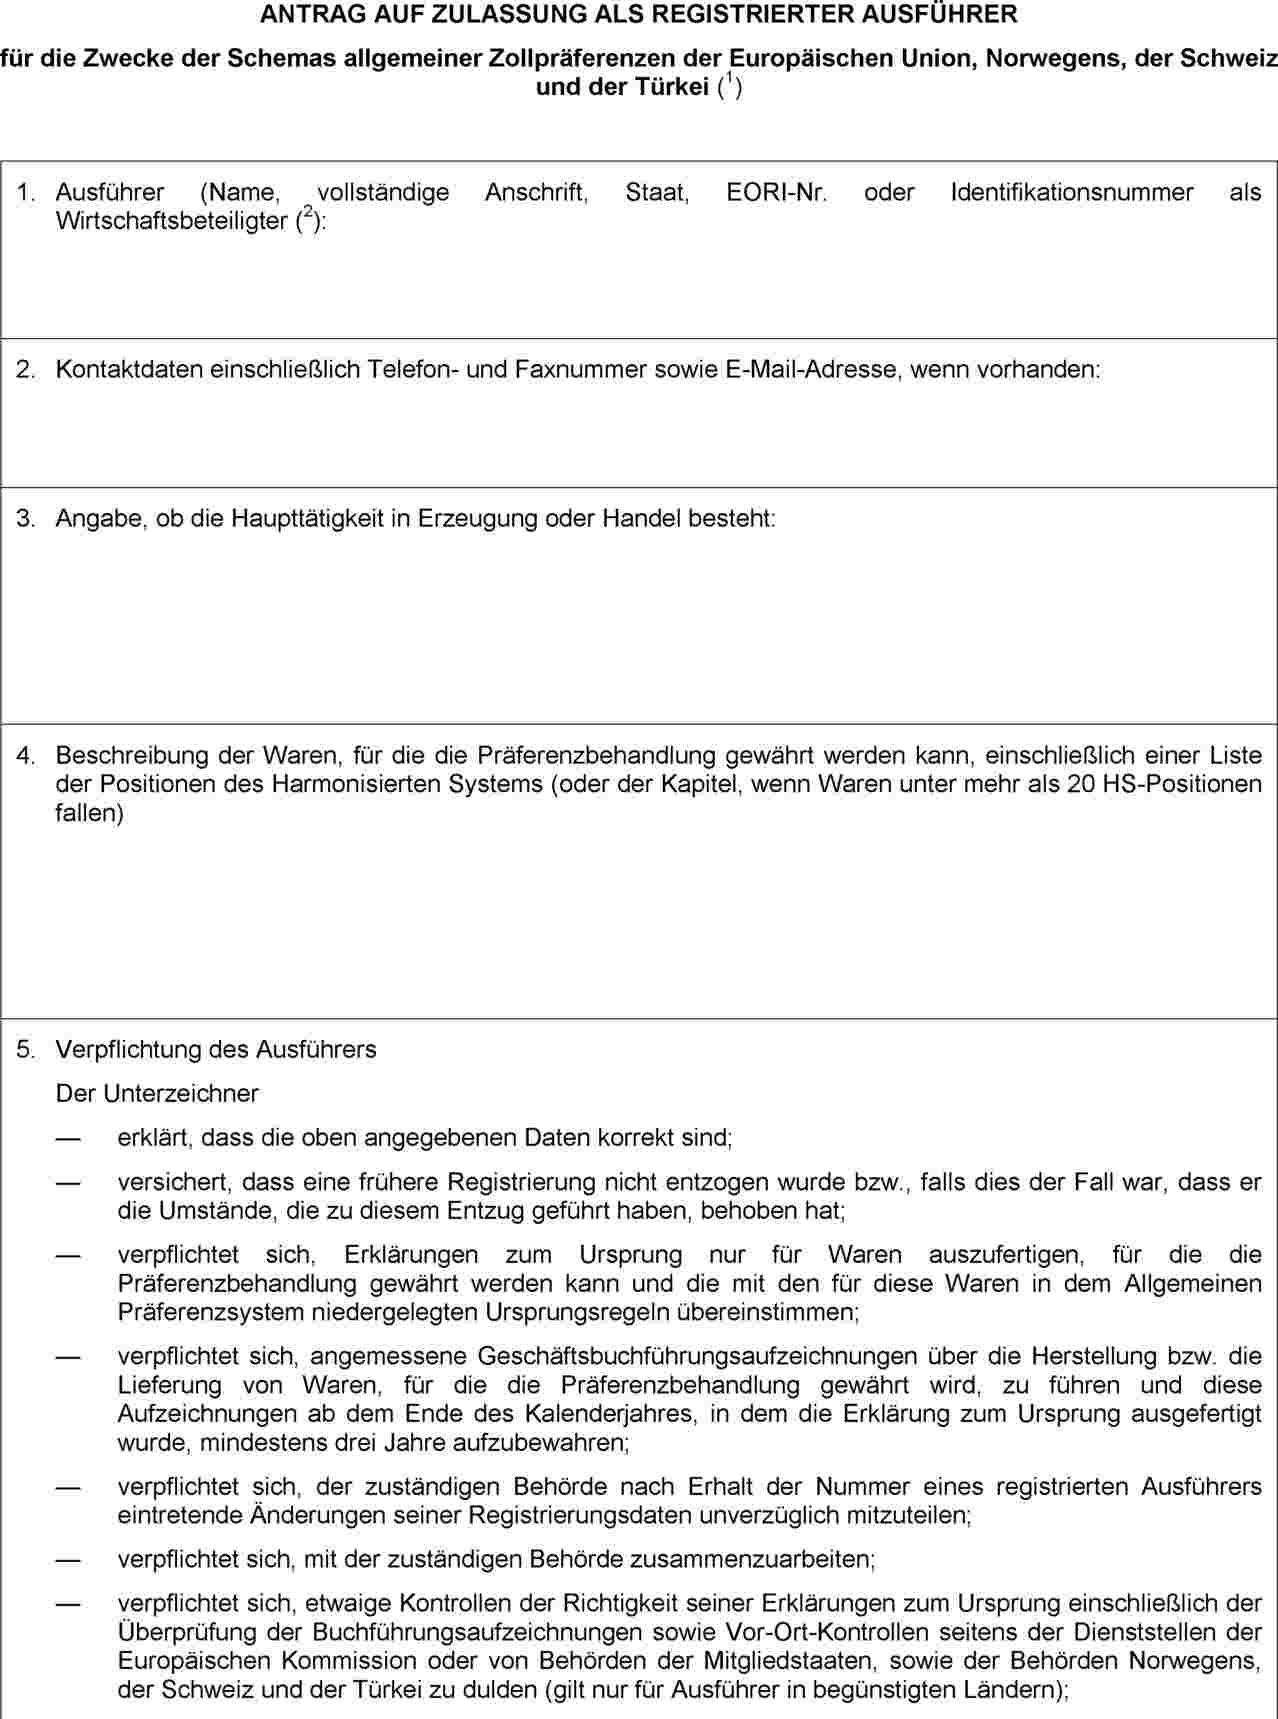 EUR-Lex - L:2015:070:FULL - EN - EUR-Lex